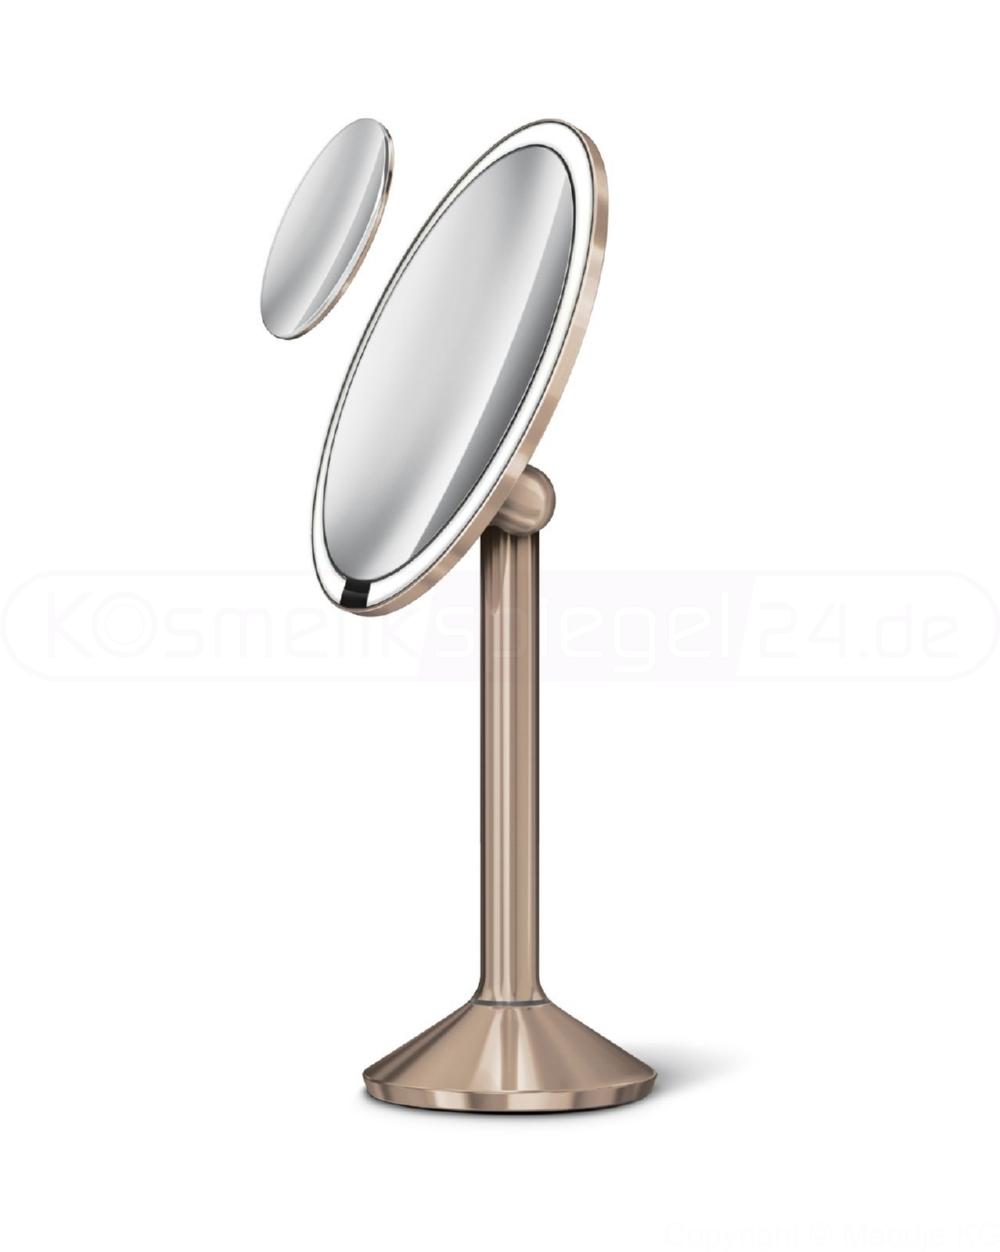 graues Geh/äuse Do!LED A10G LED SMD Make Up Spiegel Schminkspiegel Beleuchtung Plug /& Play Kalt Wei/ß